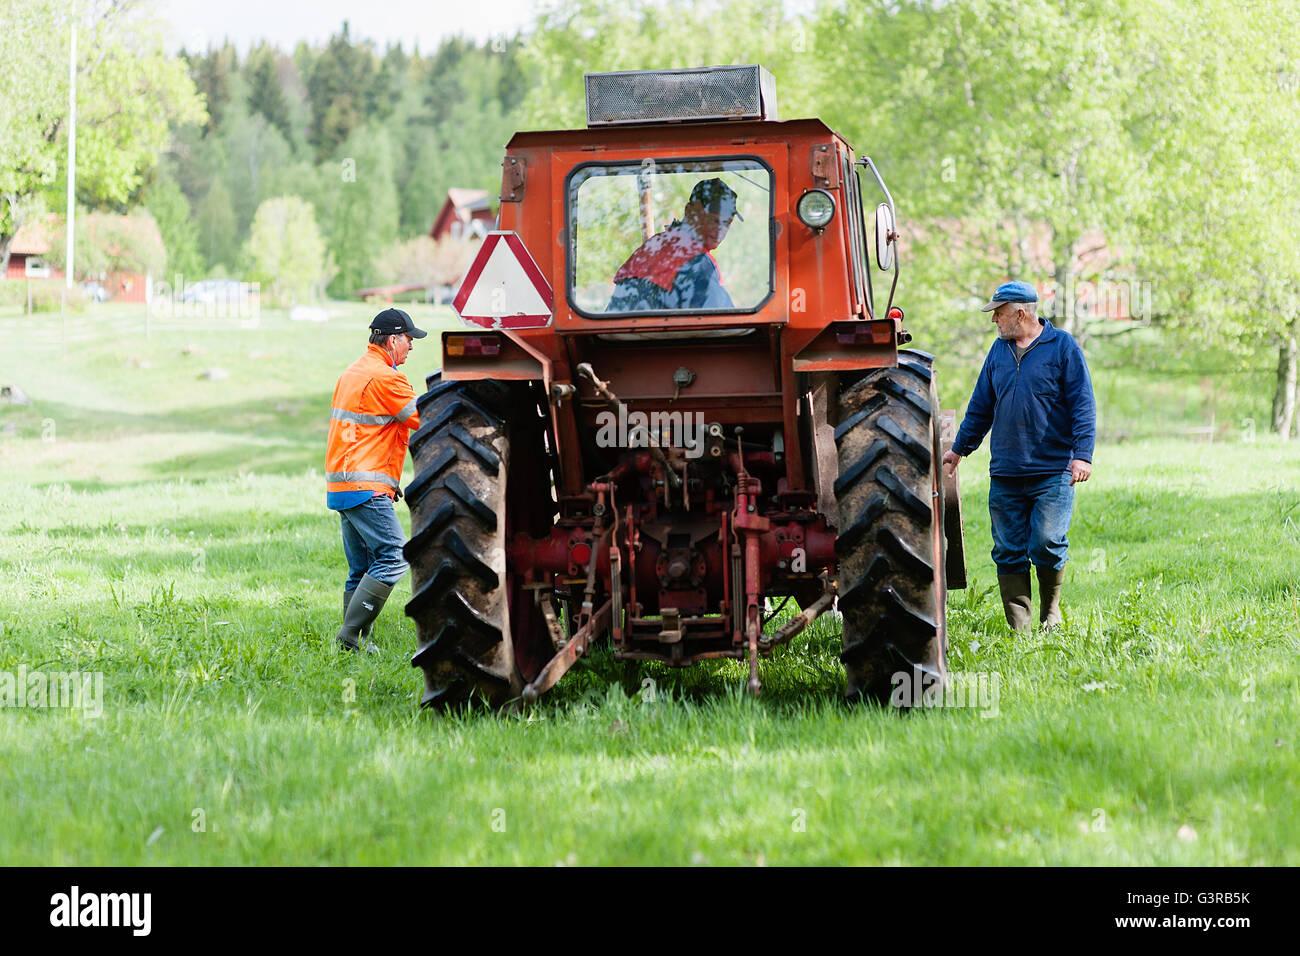 Sweden, Vastmanland, Bergslagen, Hallefors, Farmer driving tractor in field - Stock Image